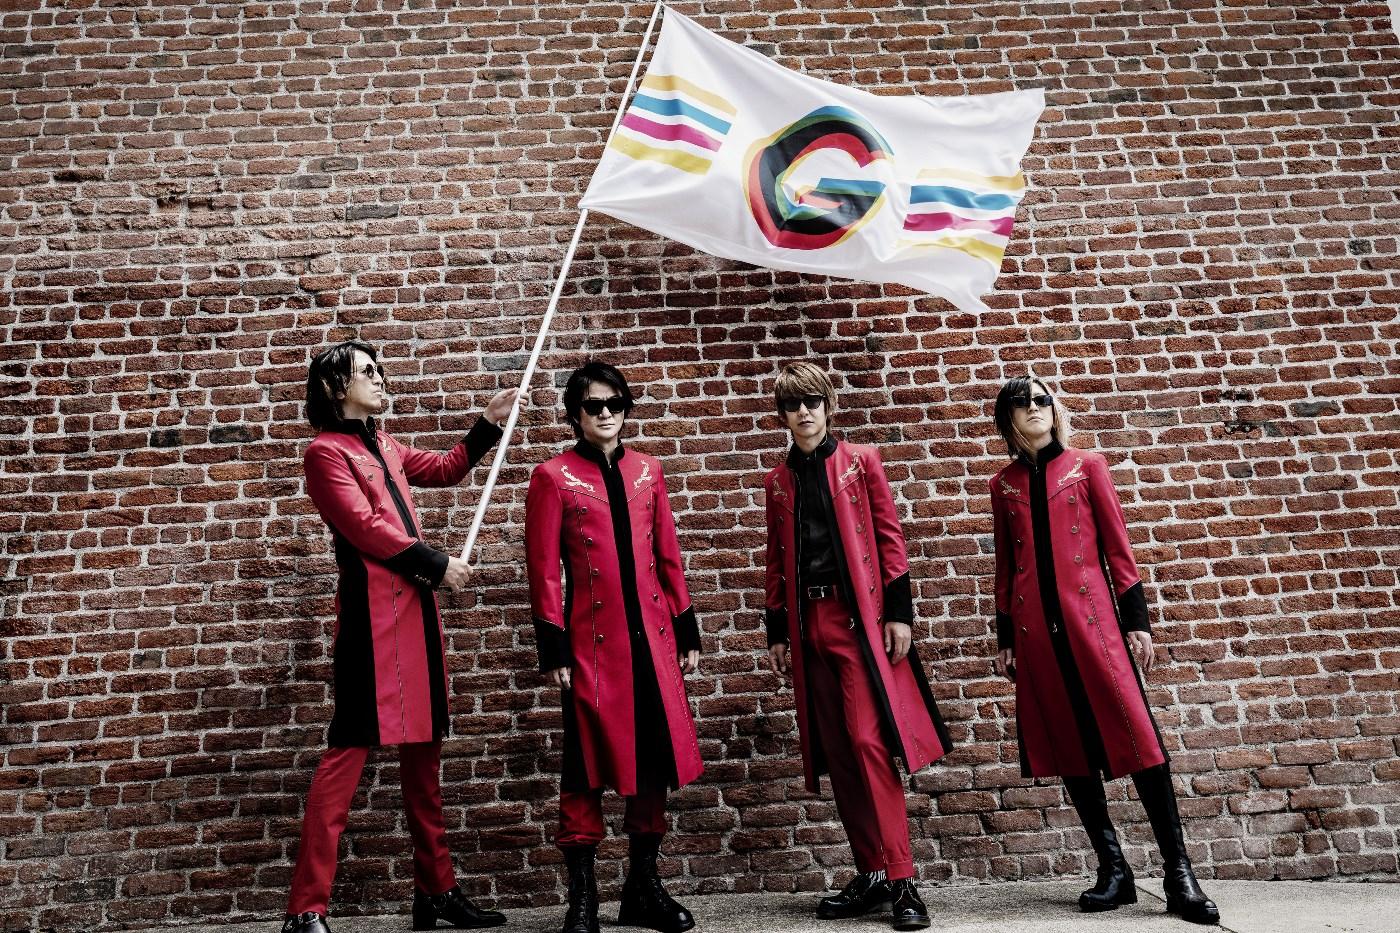 GLAY・HISASHIが語る、転機になった3曲 「メンバーの予想超えた」のは?